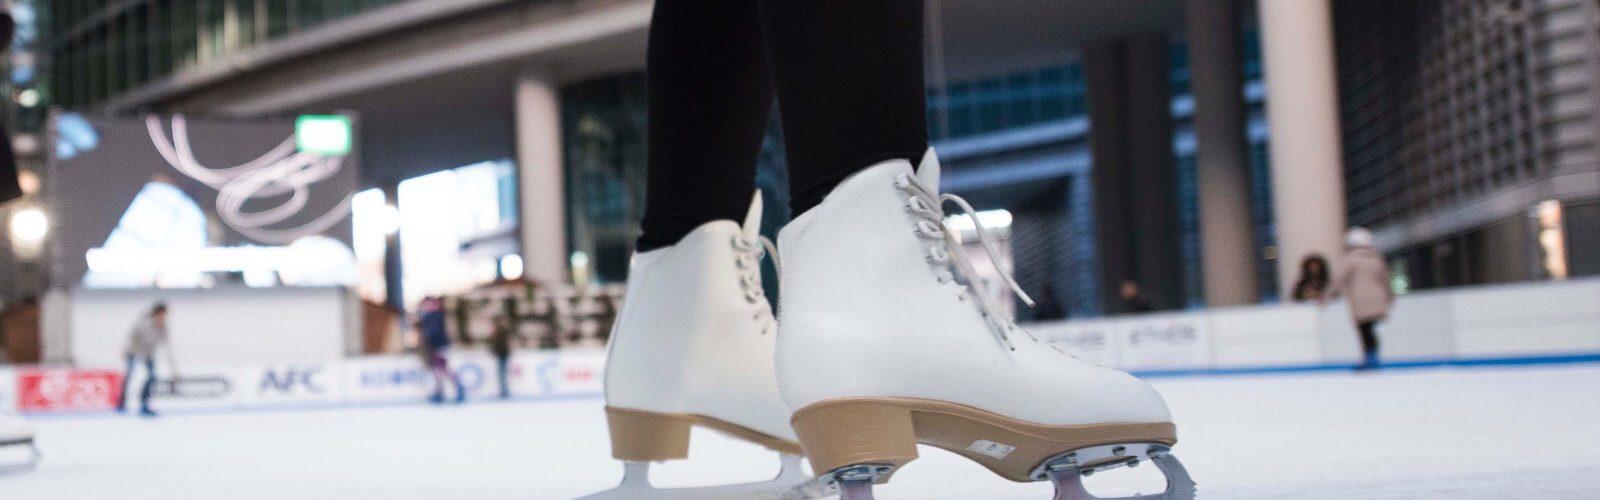 pattinaggio sul ghiaccio milano